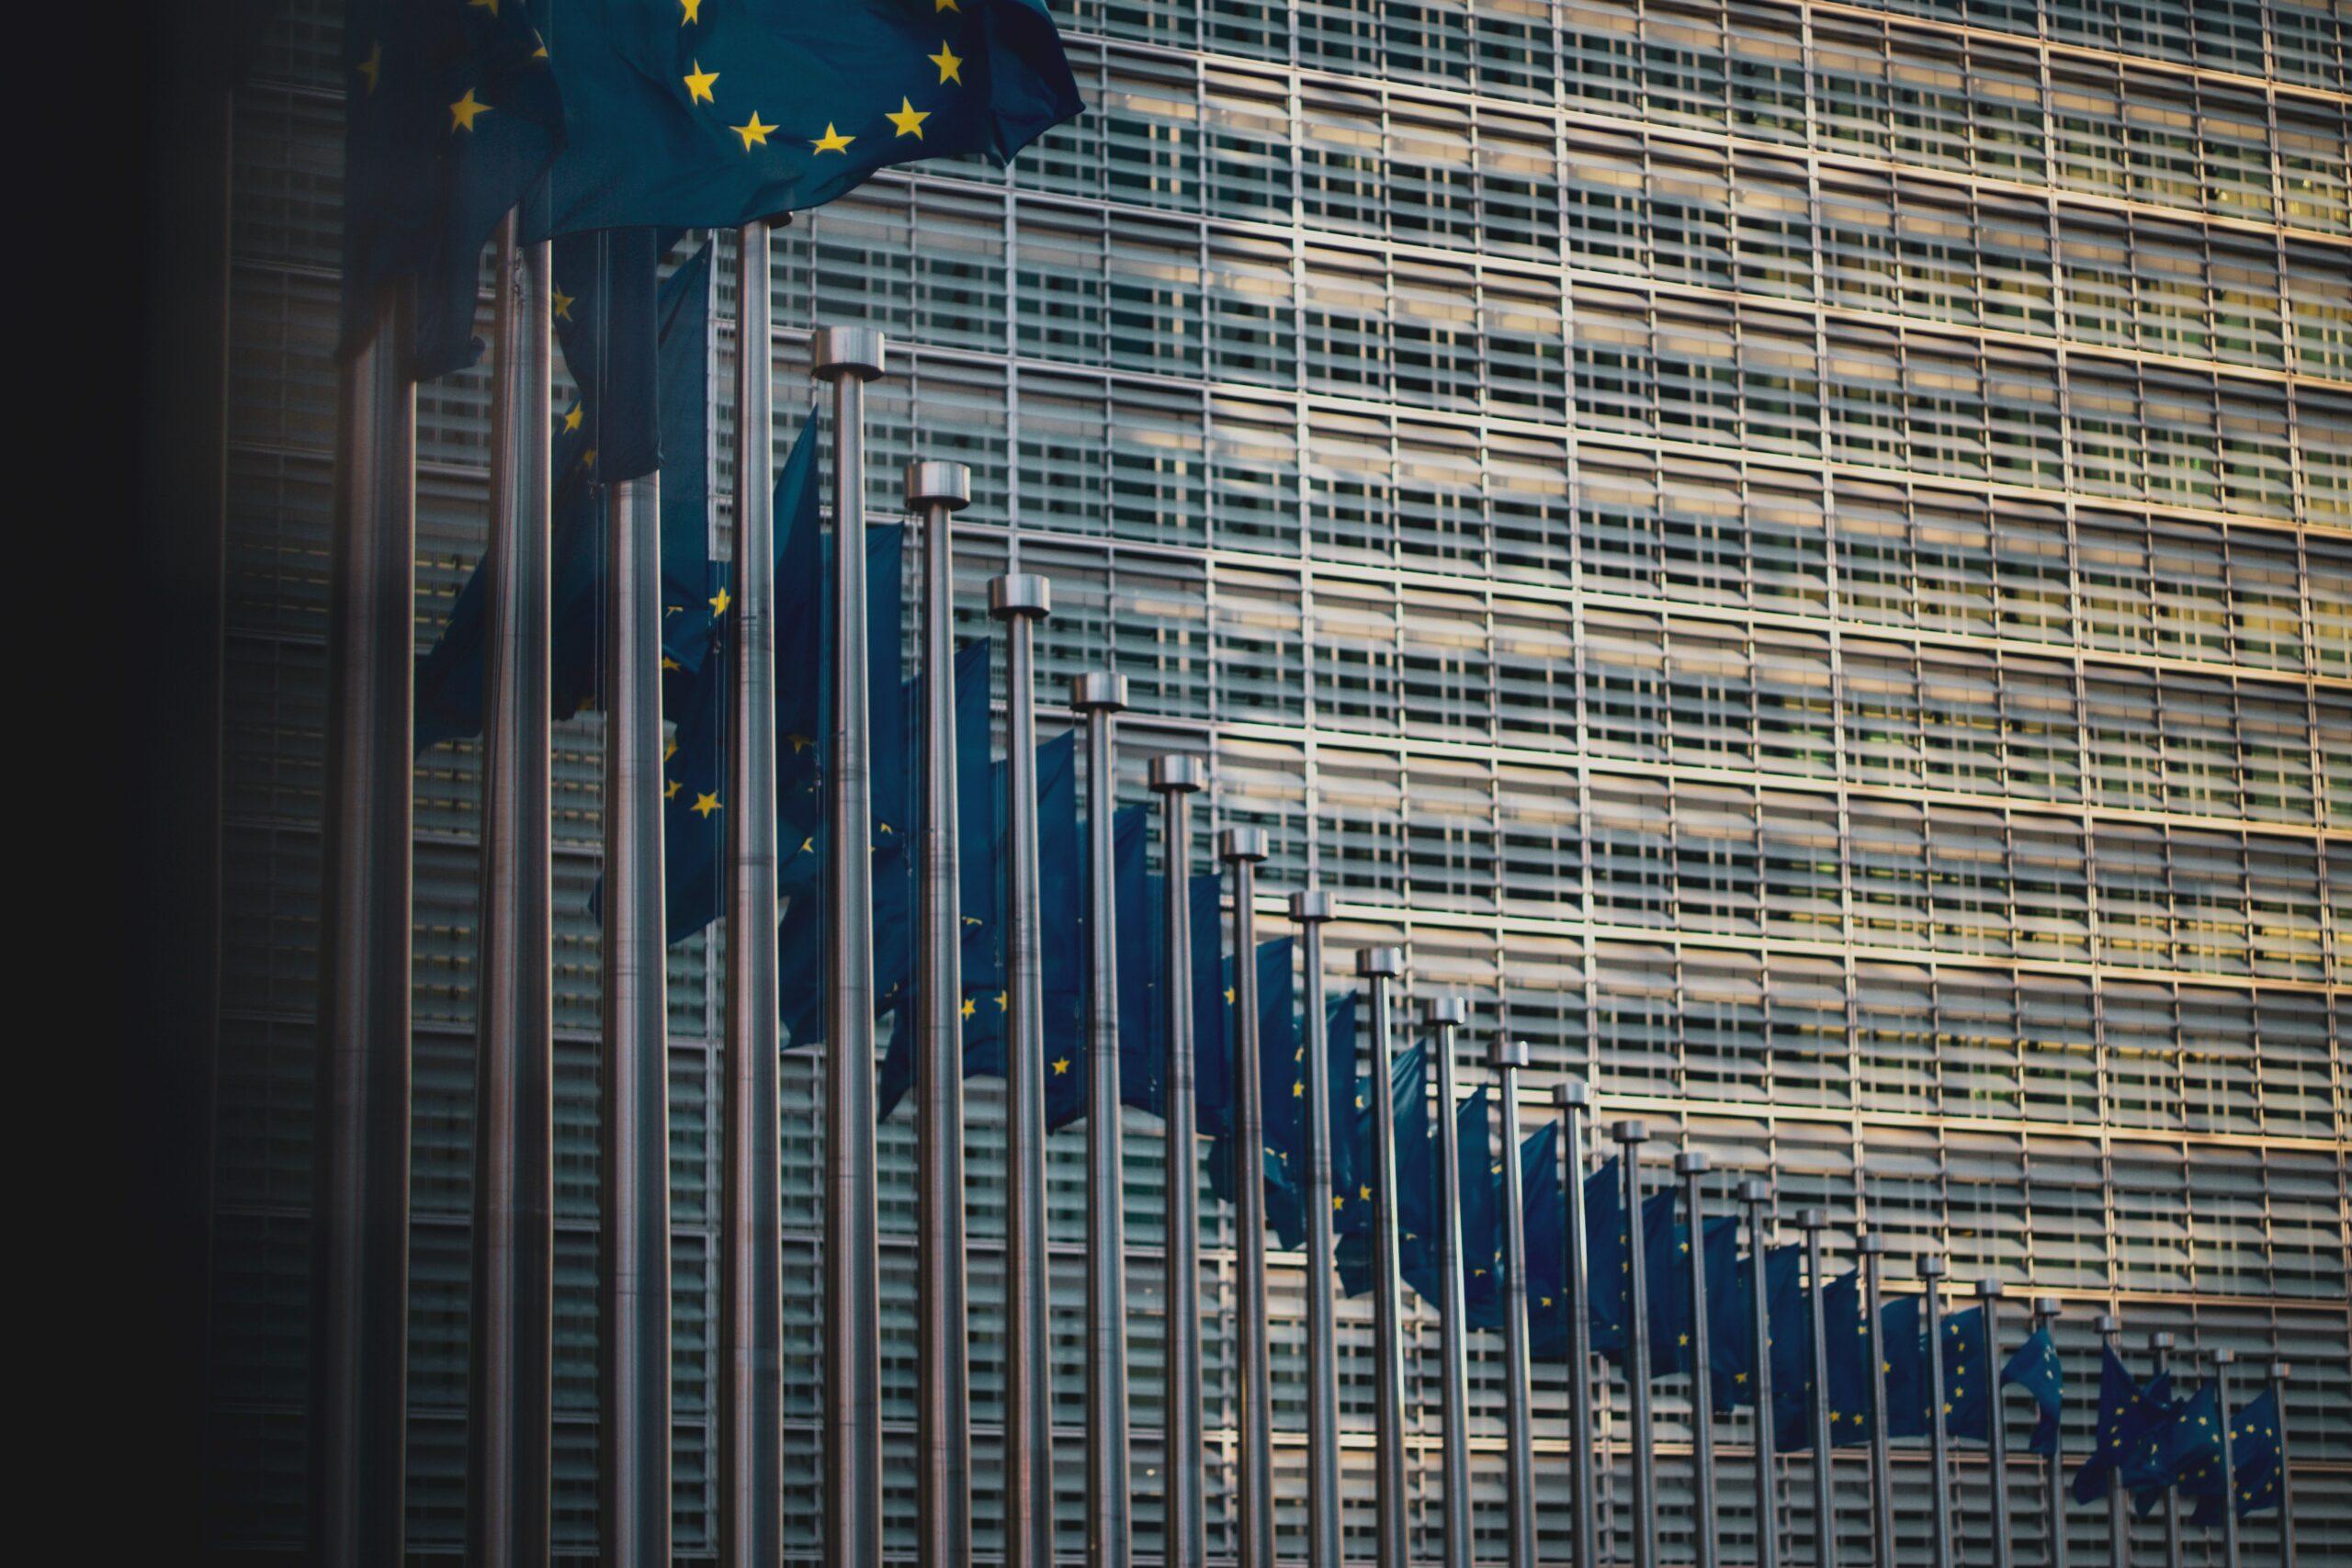 Kranke Demokratien? – Rechtsstaatlichkeit in der Europäischen Union